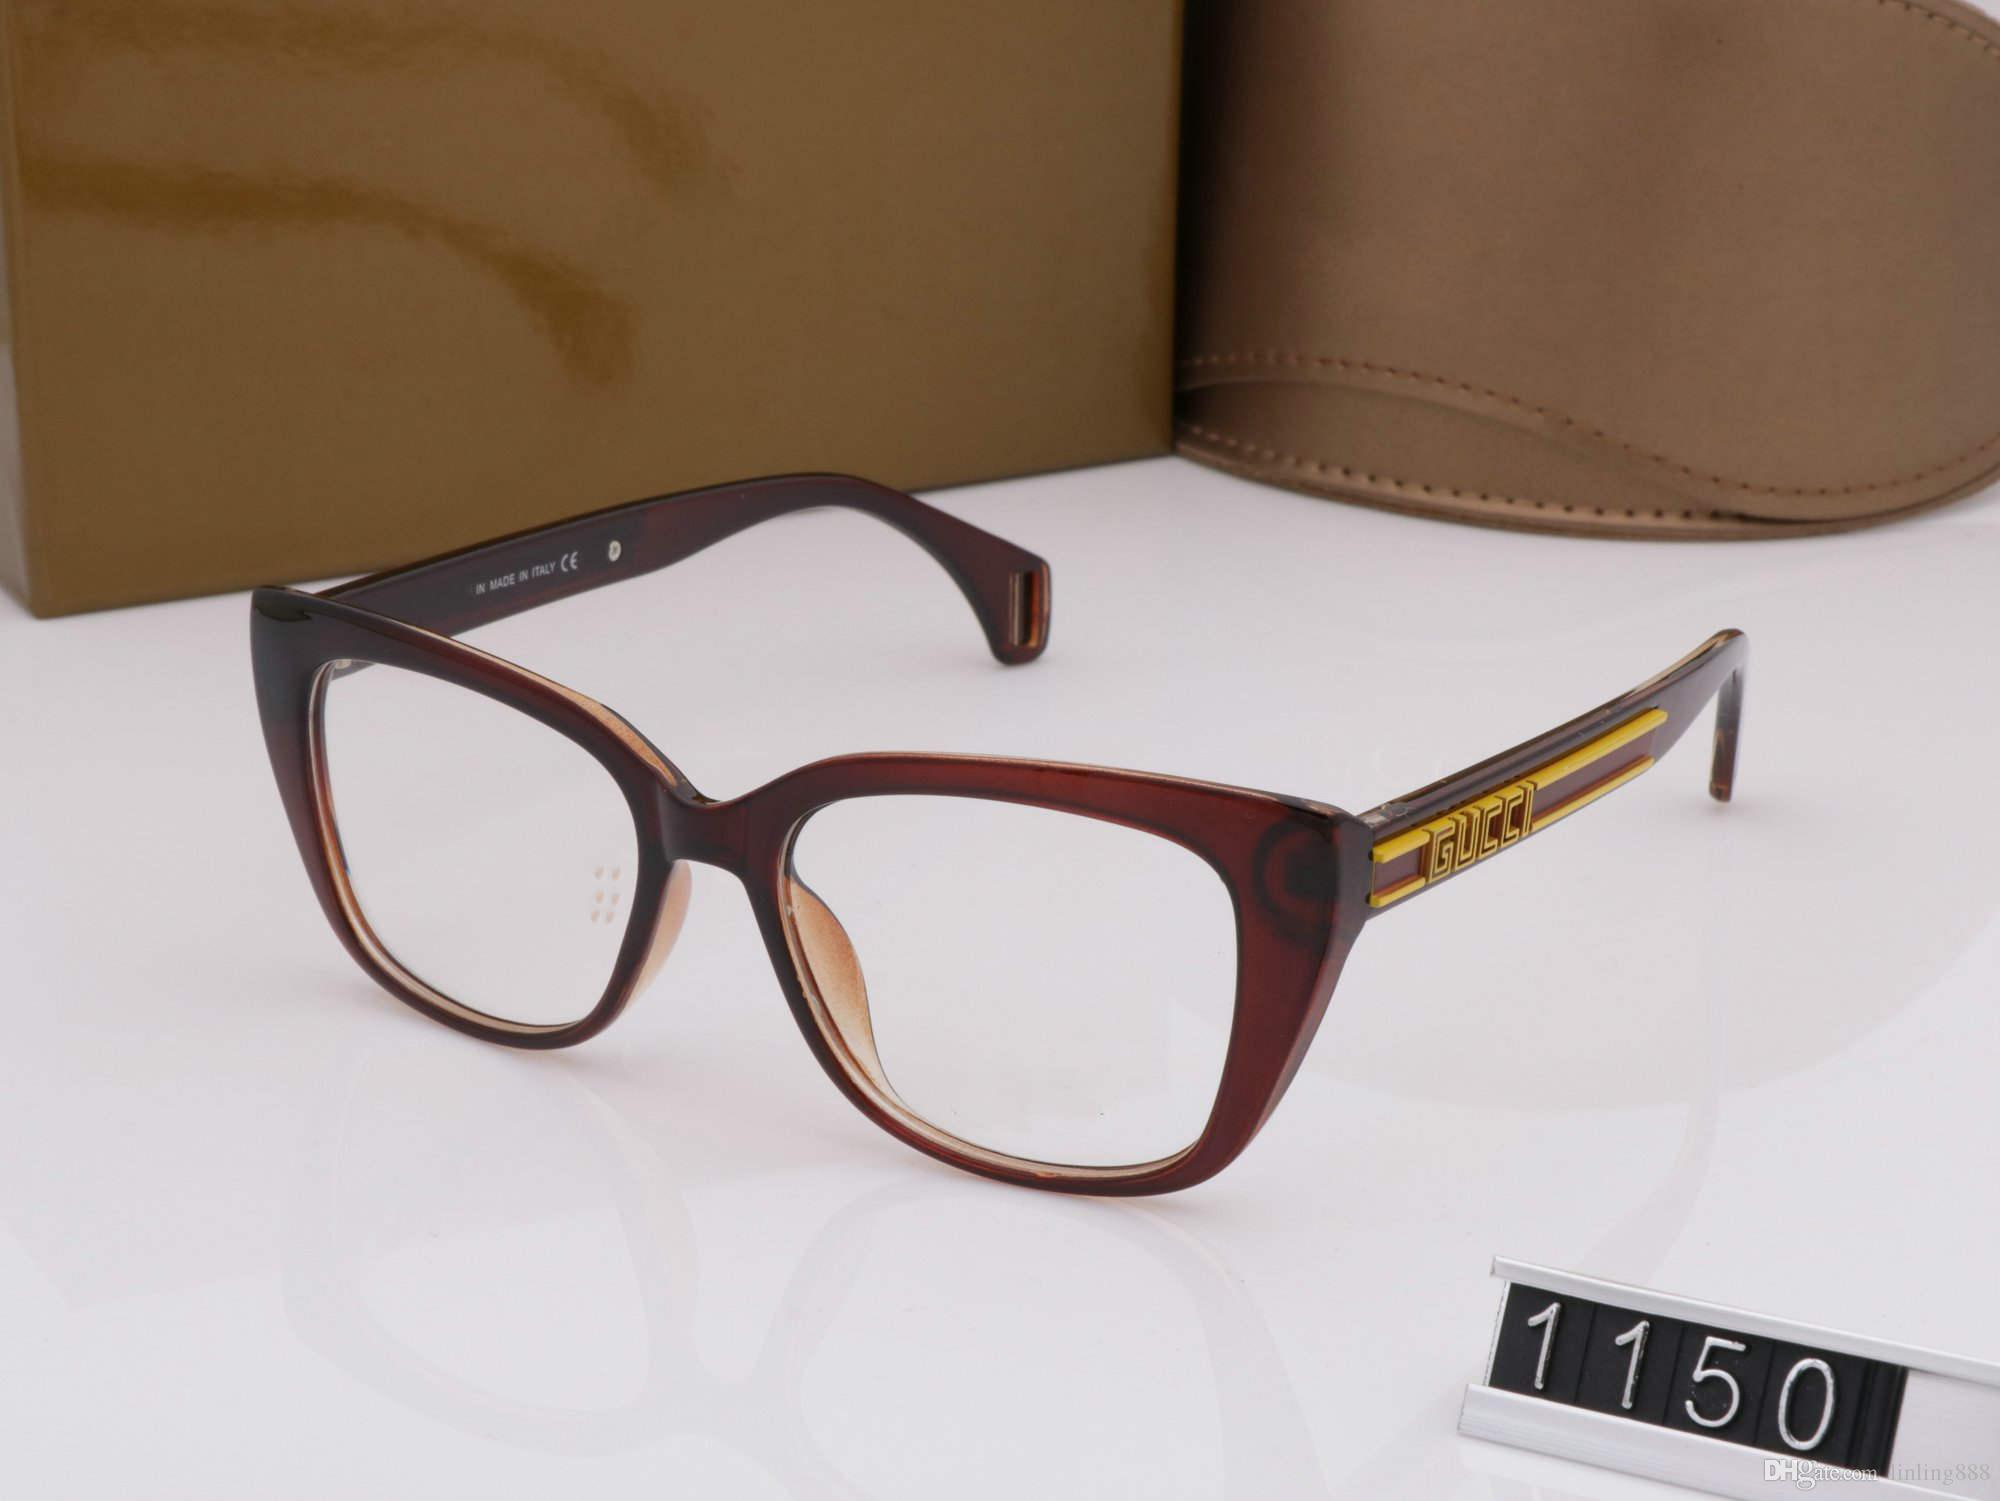 267fb4e8 Nuevos marcos de anteojos de lujo para hombres y mujeres gafas de sol 52mm  1150 Moda de marco completo para mujer Vintage Retro Diseñador de la marca  ...